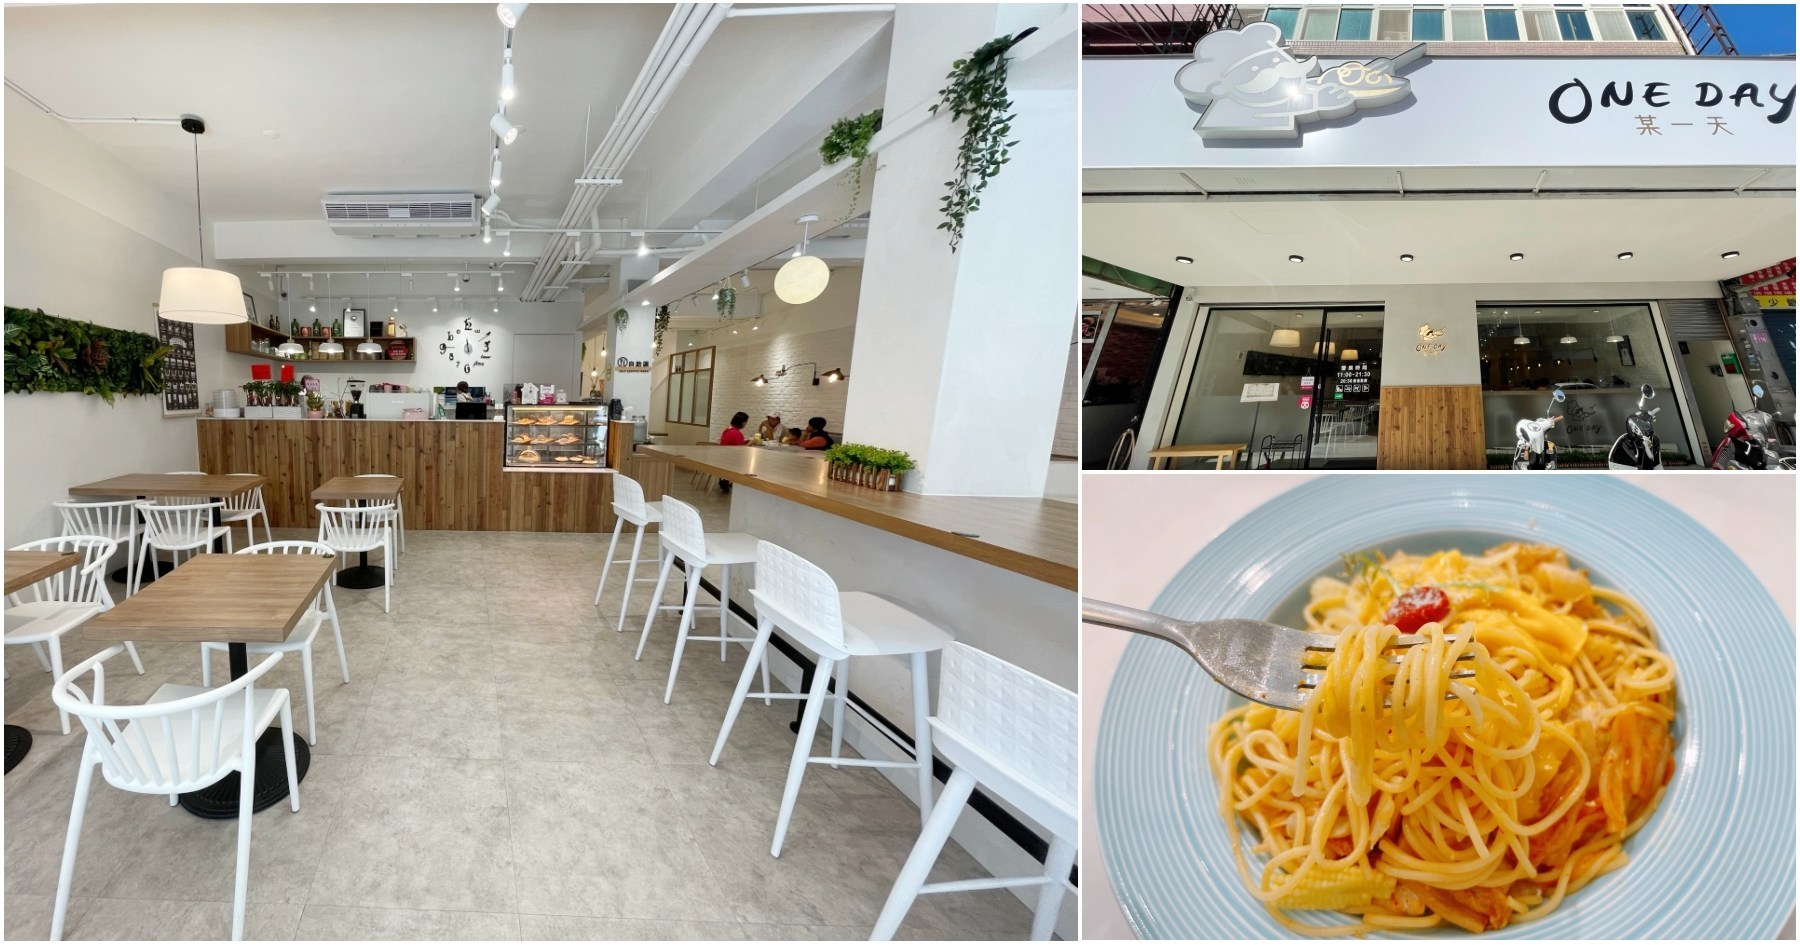 最新推播訊息:[龍潭美食]one day 某一天|龍潭大池附近新開義式輕食餐廳~環境舒適